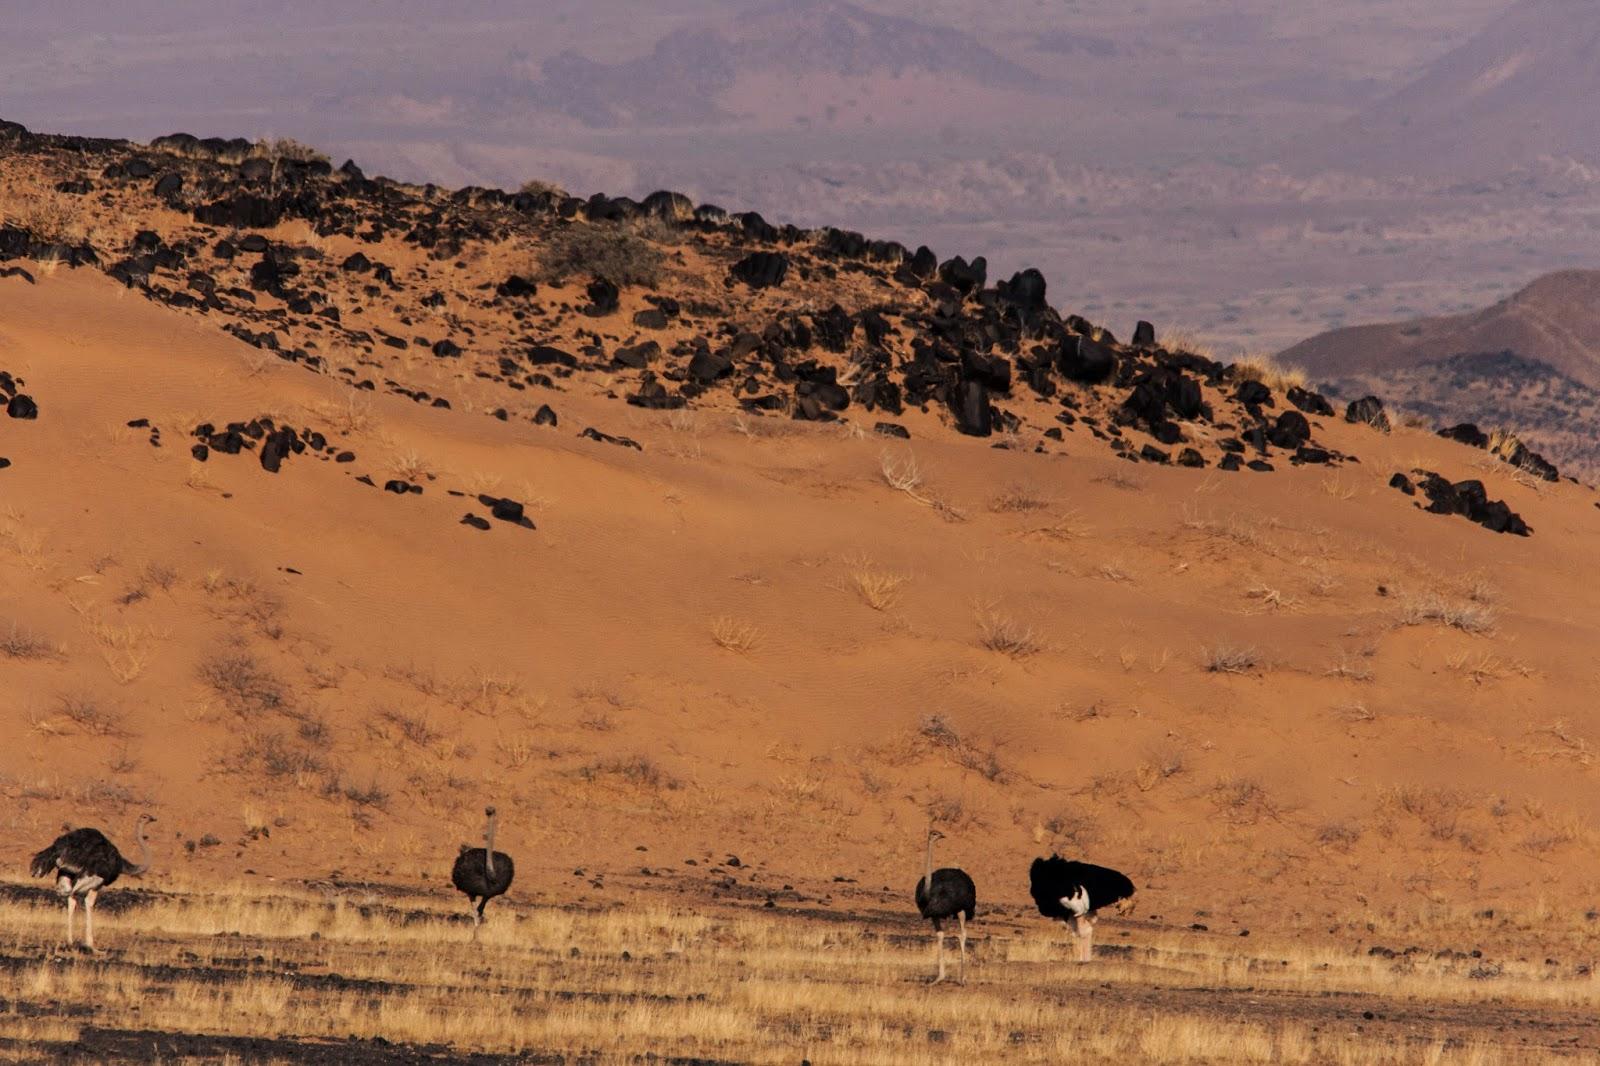 Ostriches damaraland namibia safari